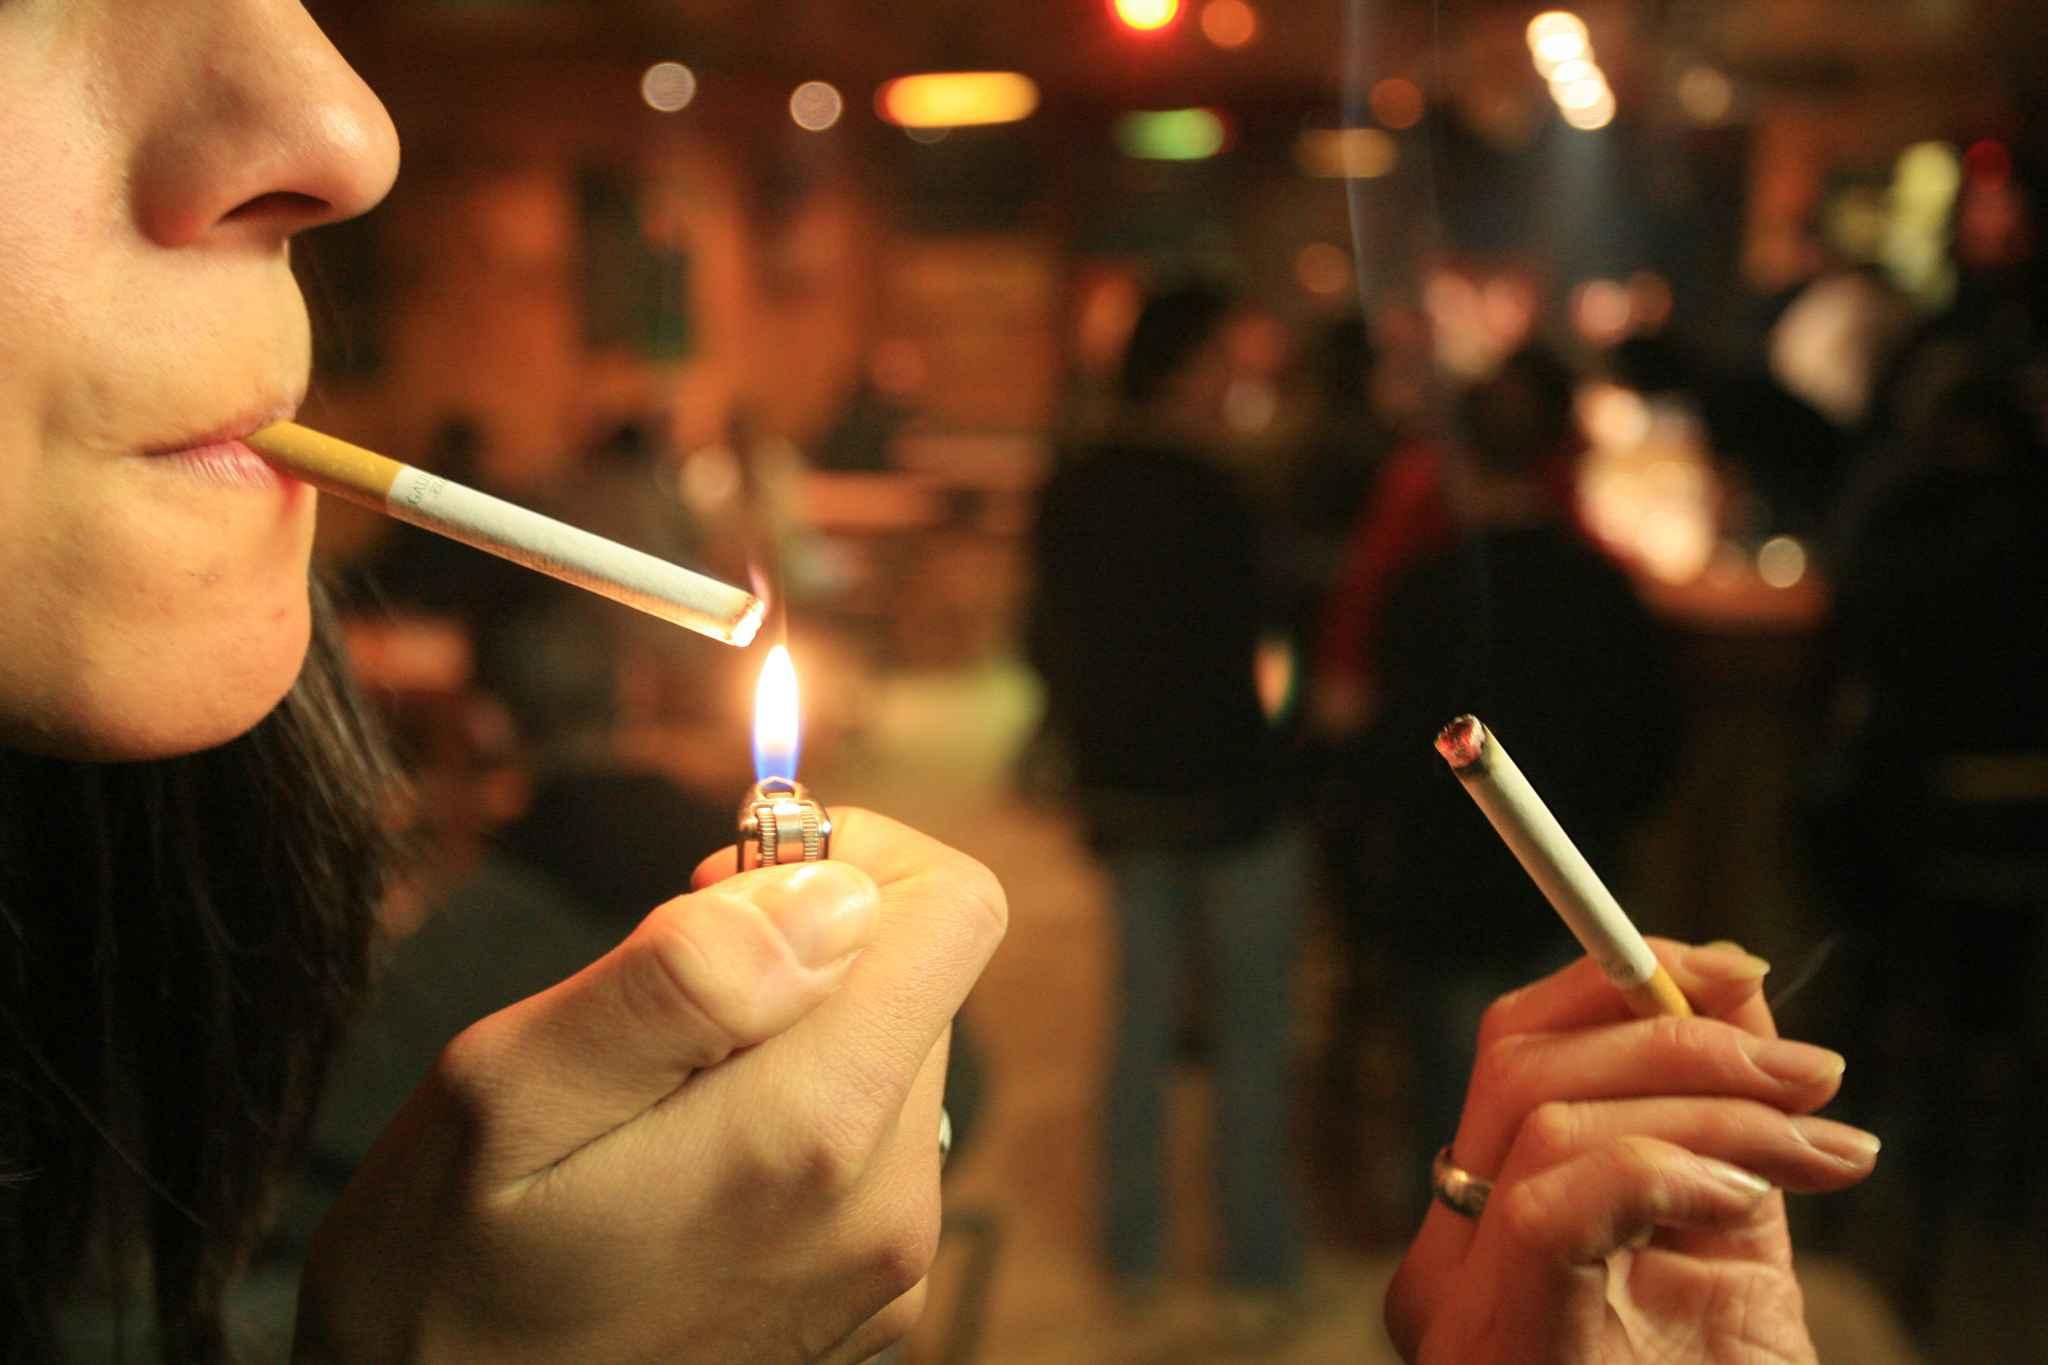 Articles sur le tabagisme dans les lieux publics